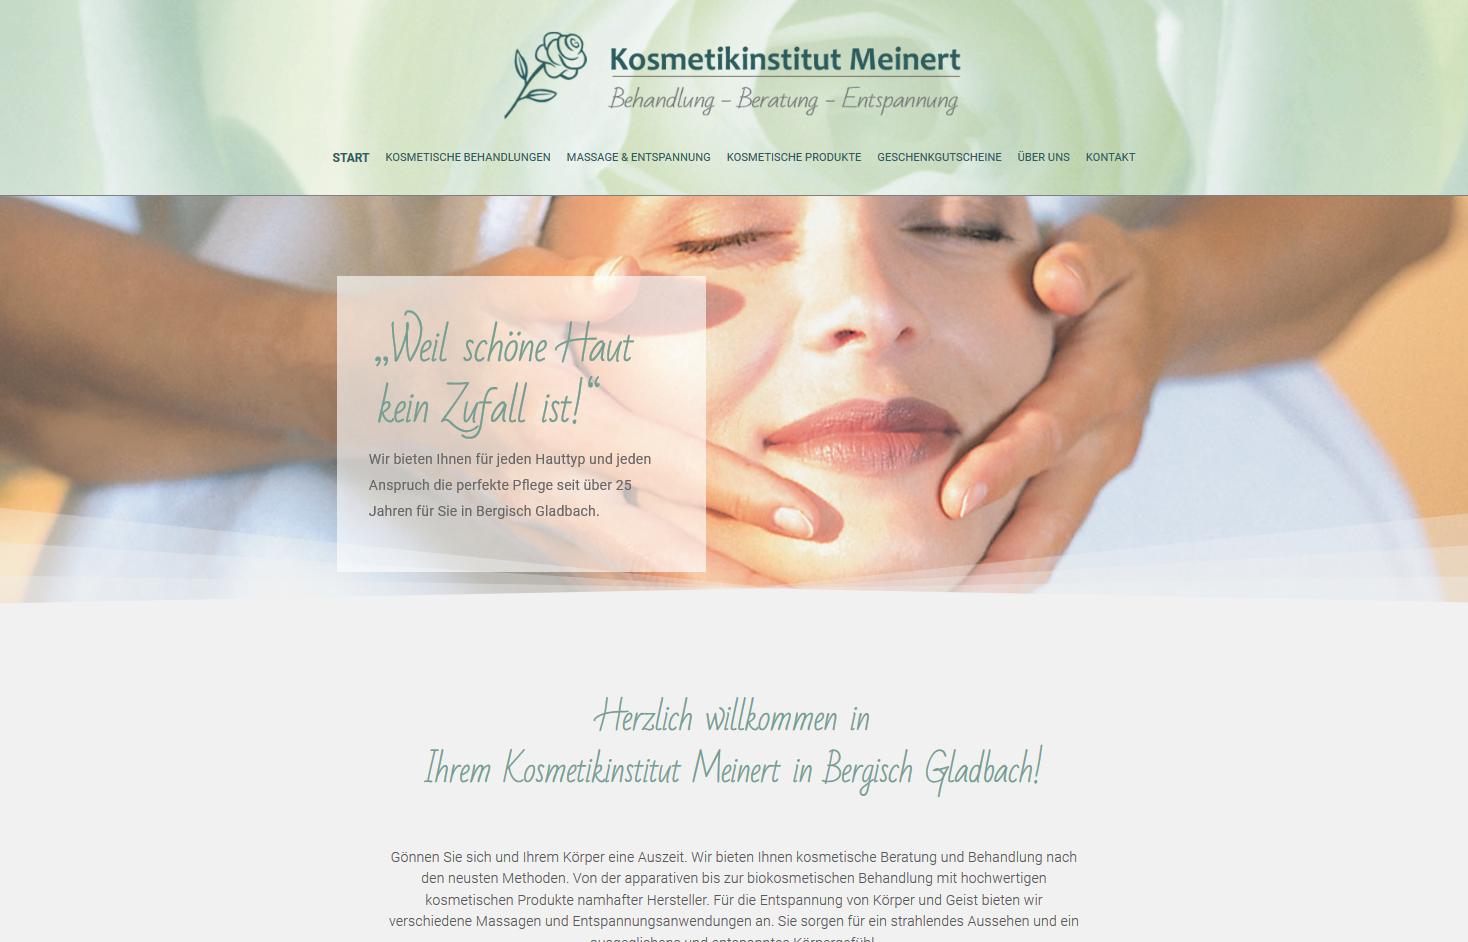 Kosmetikinstitut Meinert Bergisch Gladbach Webseite von www.imagecreation.de